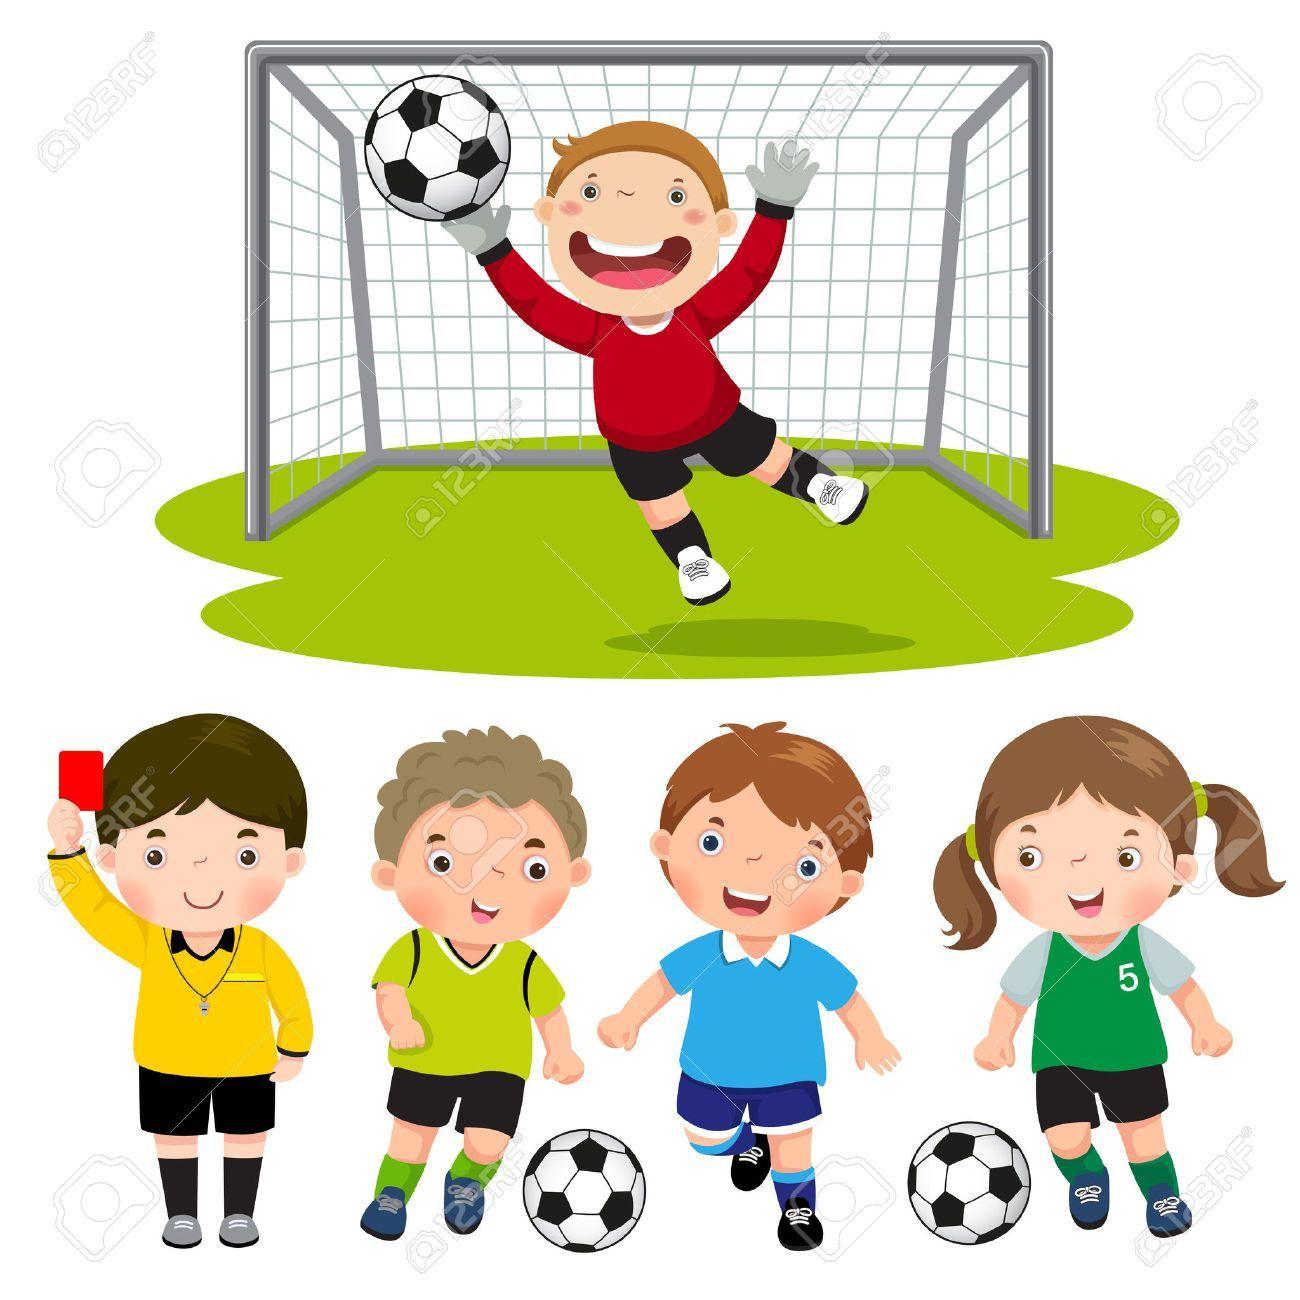 Resultado De Imagen Para Dibujos De Ninos Jugando Futbol A Color Ninos Futbol Dibujo De Ninos Jugando Nino Jugando Futbol